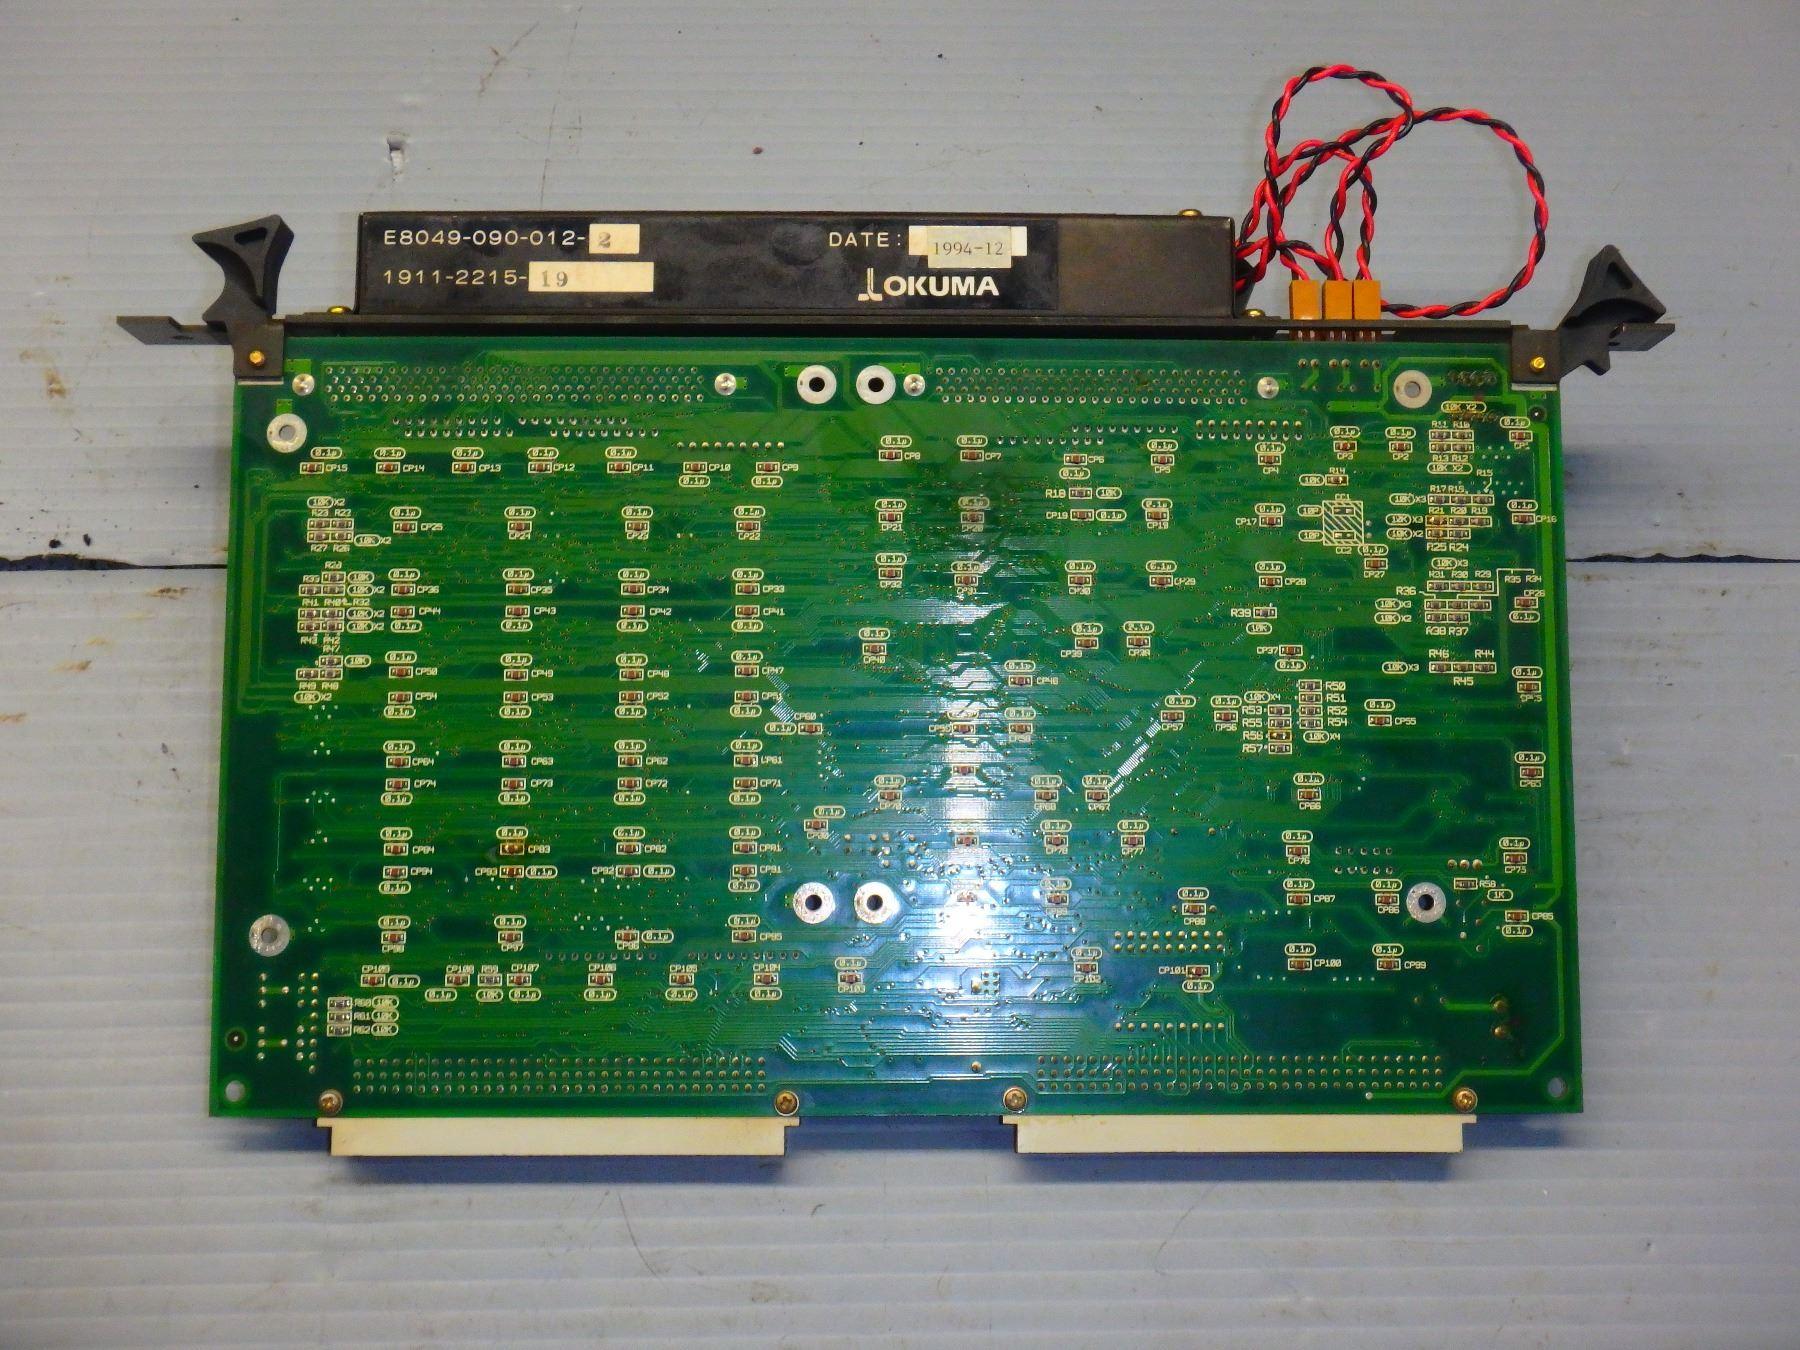 OKUMA E4809-045-166-A OPUS 7000 BATTERY CASSETTE MODULE